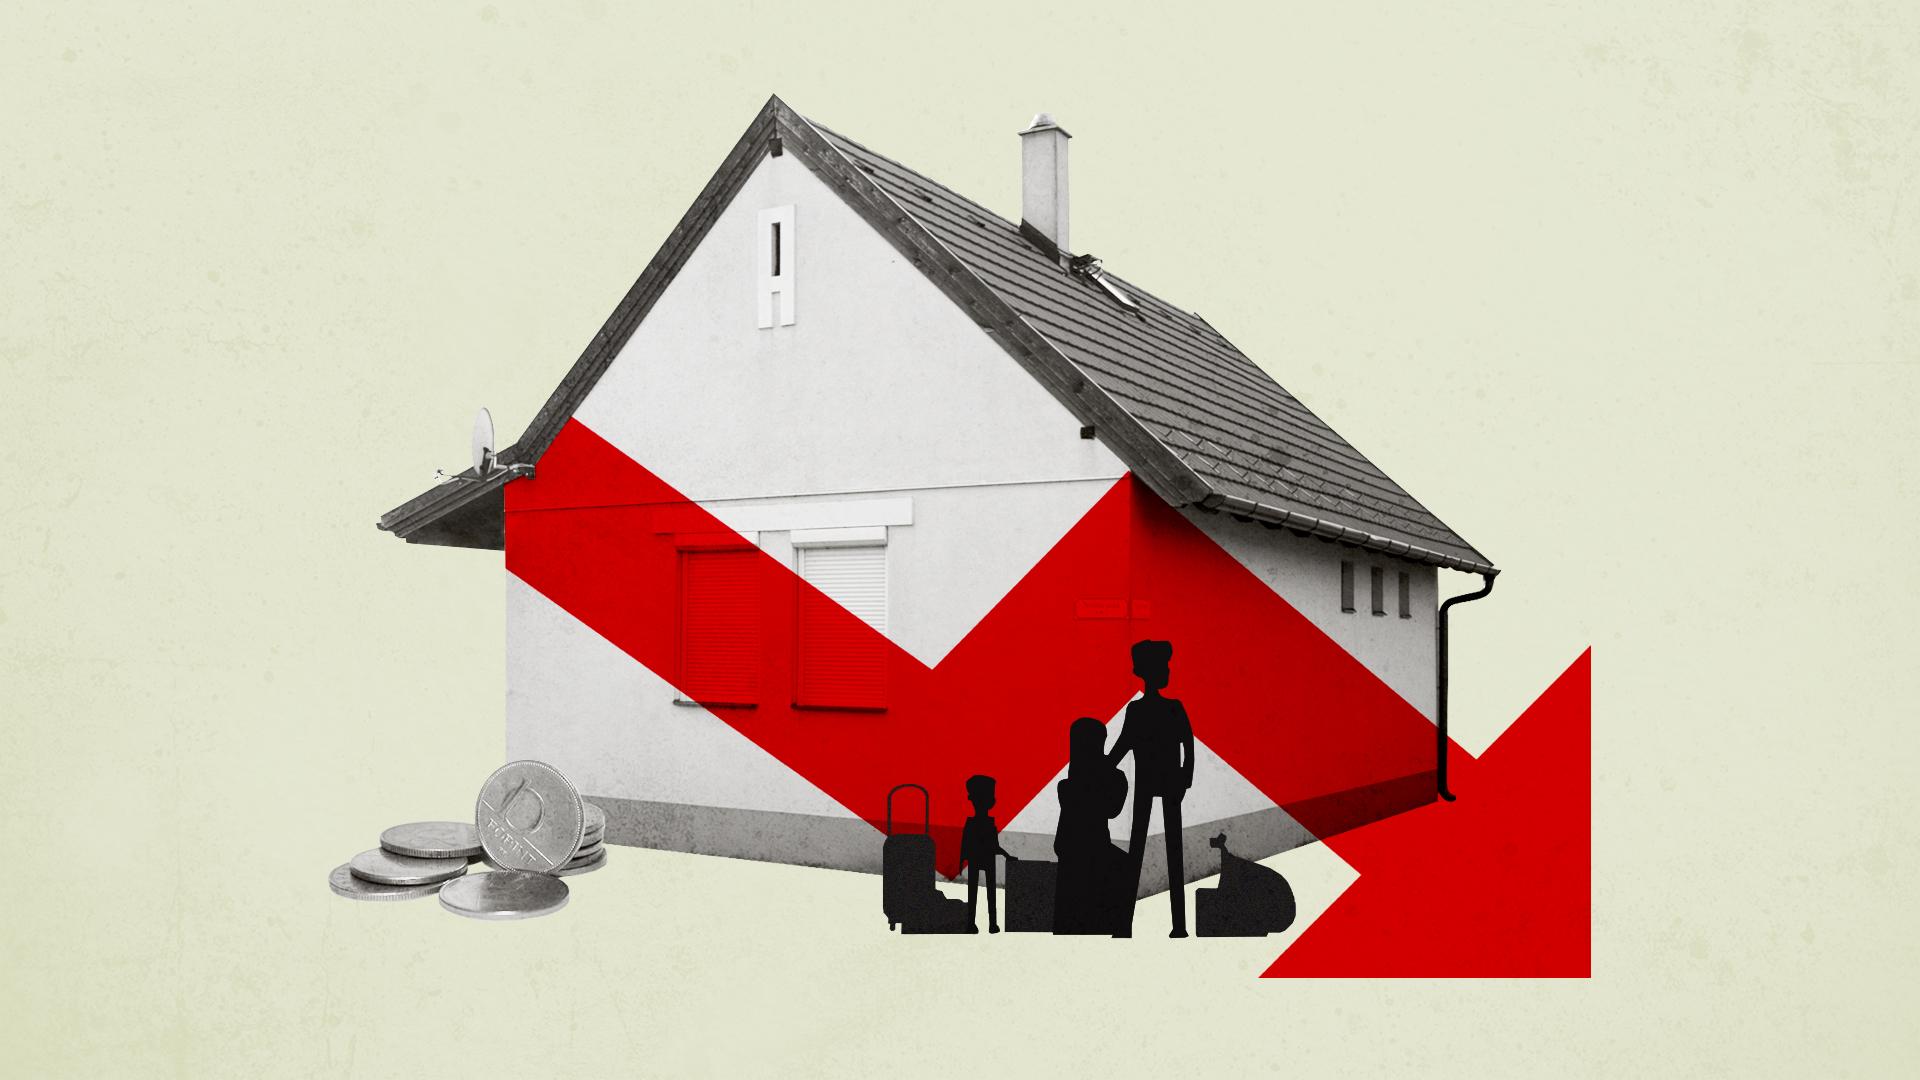 Csak egy házat akartak, de évtizedeken át tartó szenvedés lett belőle